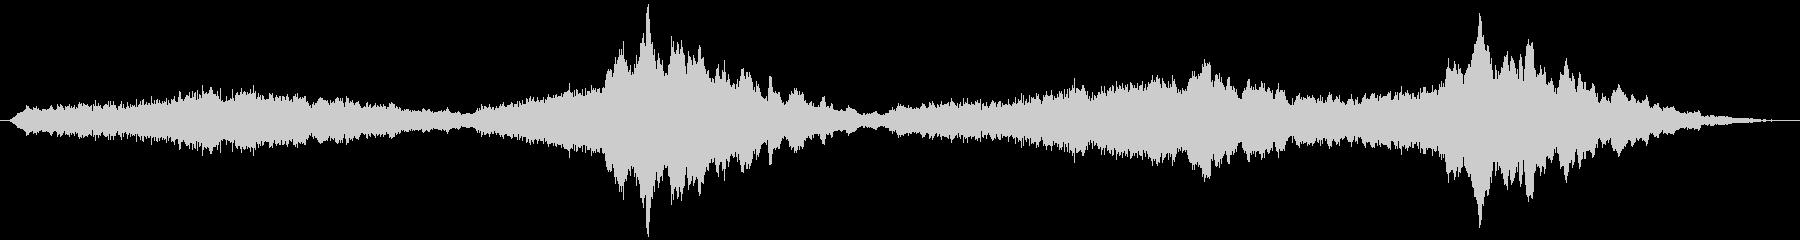 PADS クジラの歌01の未再生の波形